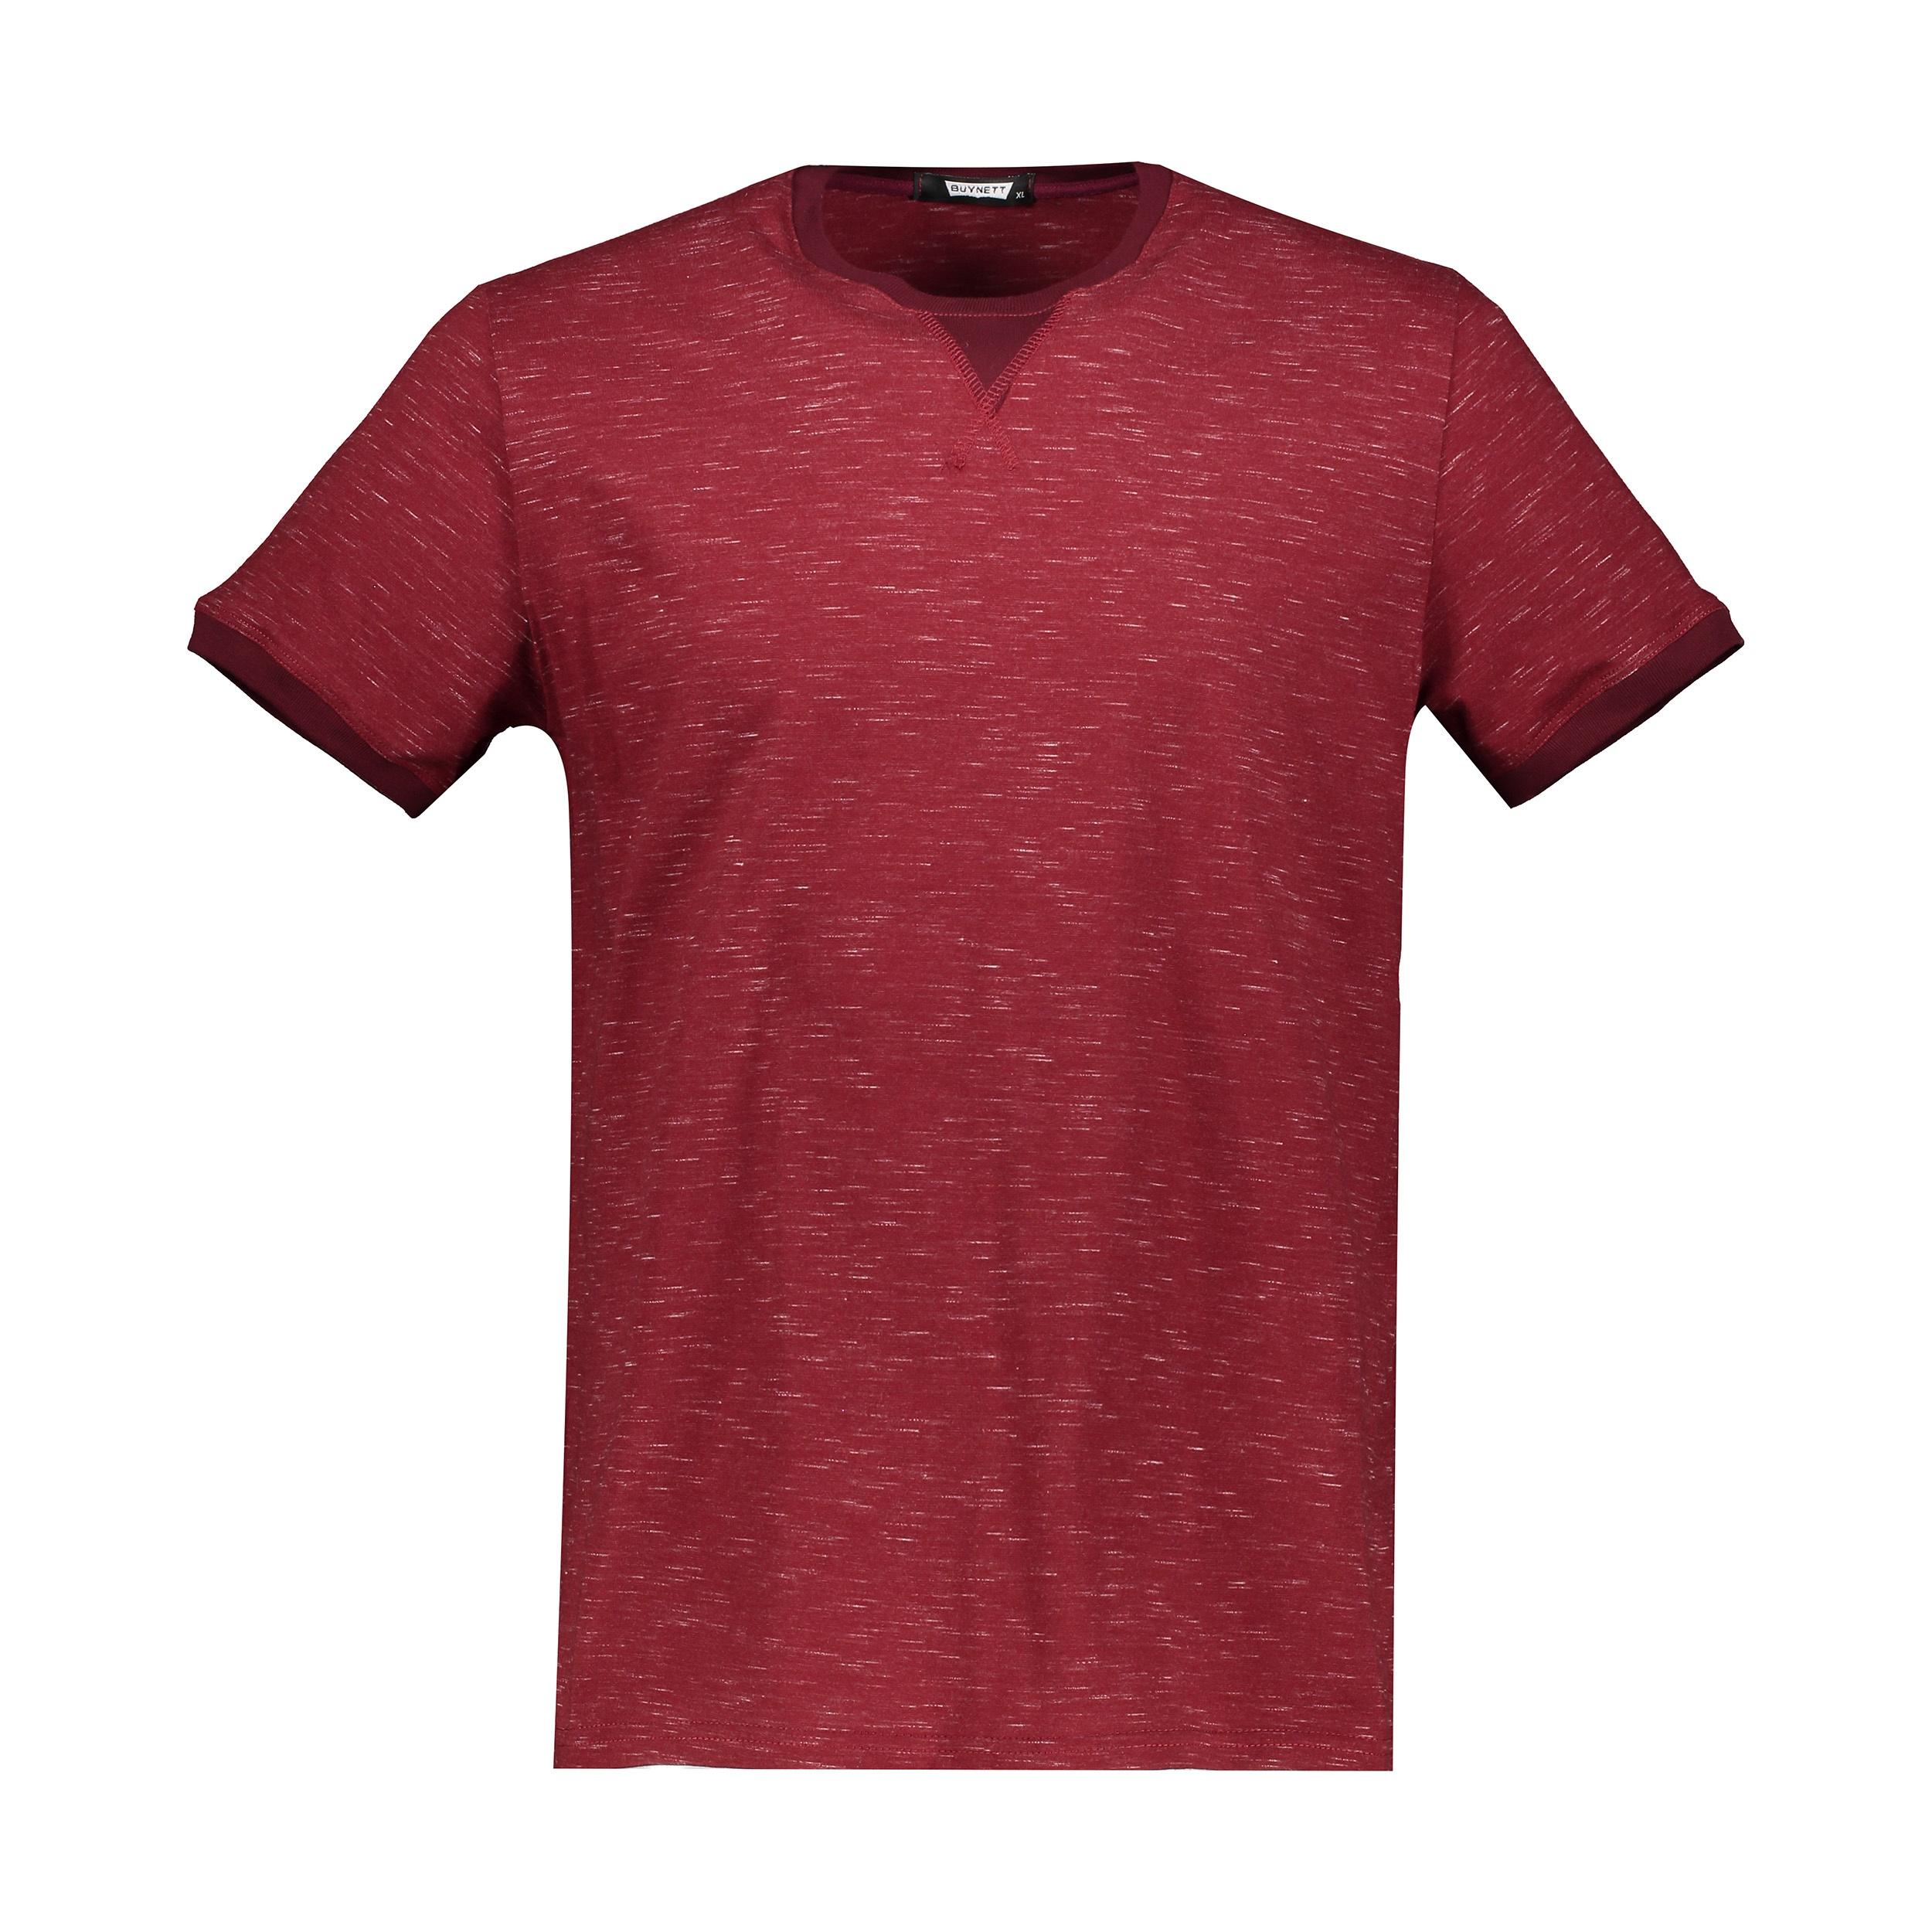 خرید ارزان تی شرت آستین کوتاه مردانه باینت کد btt 295-3